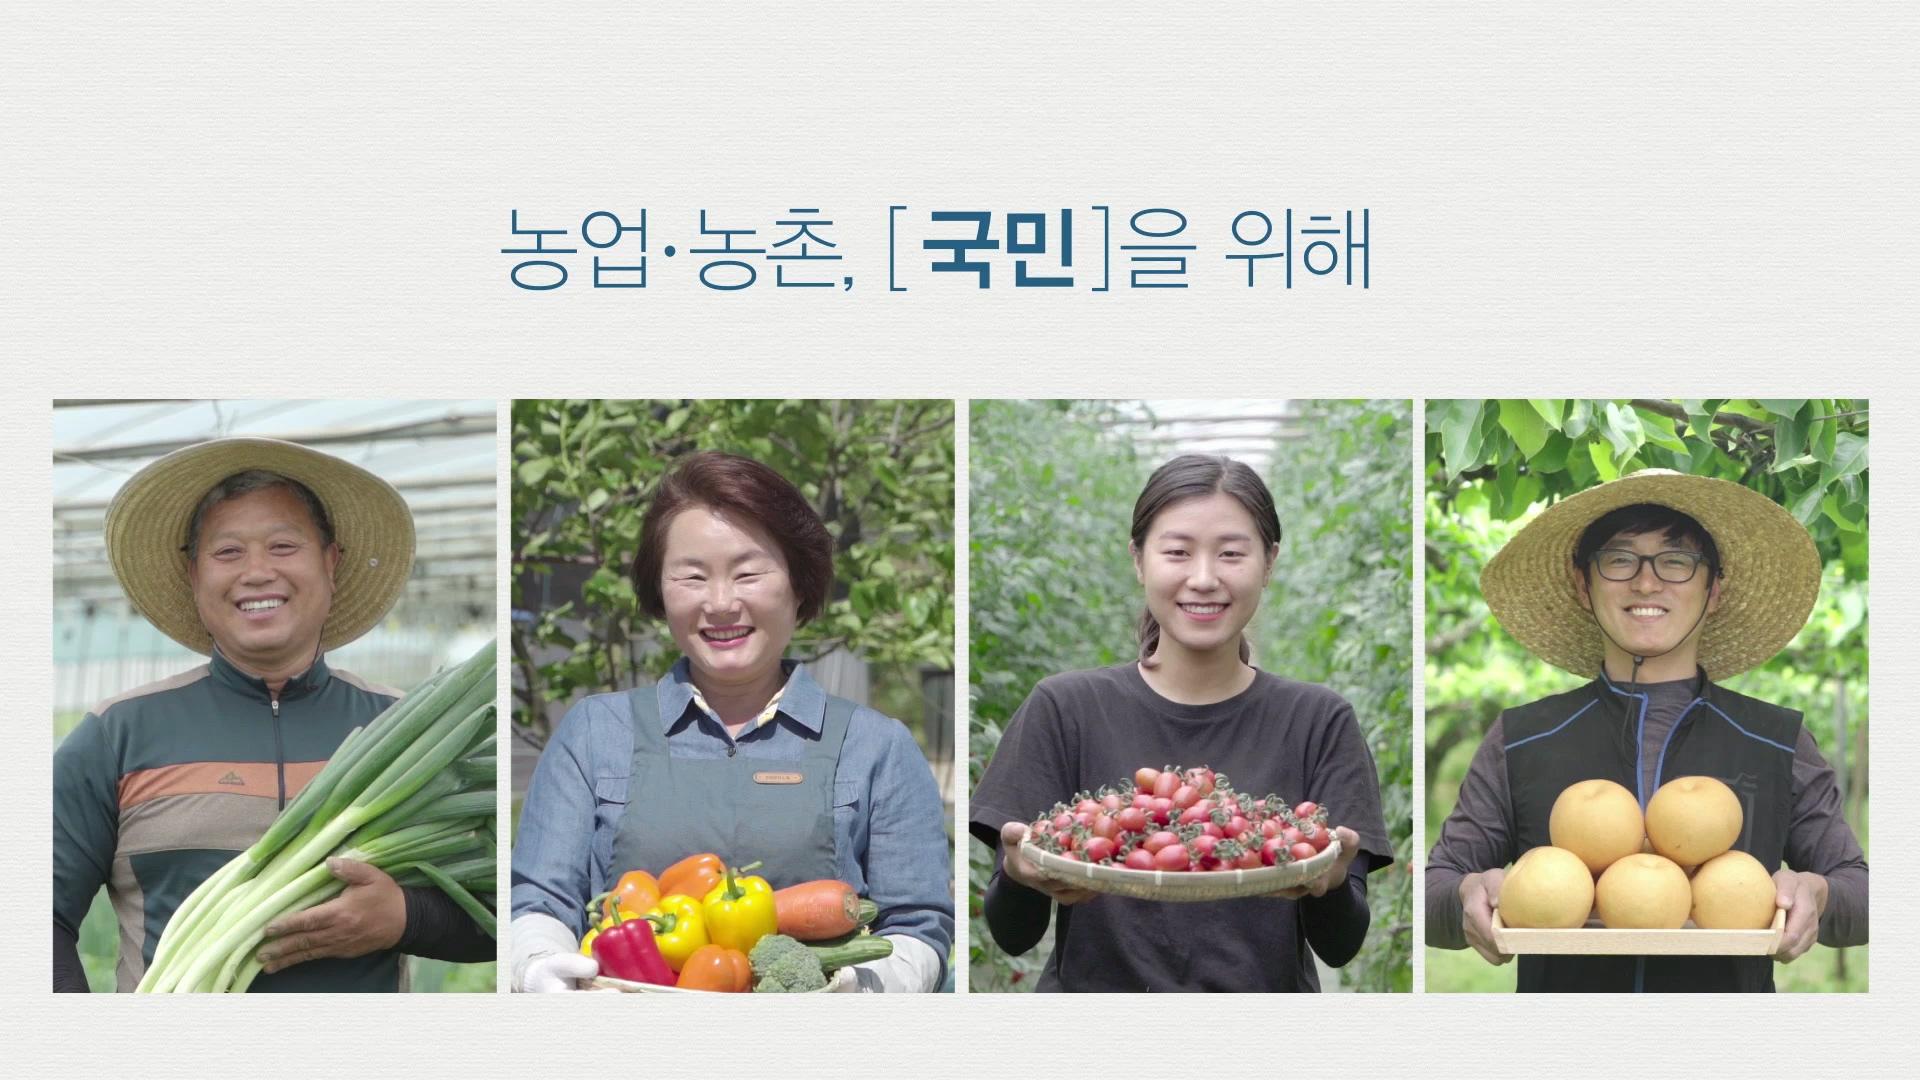 [공익 캠페인] 국민을 위한 농업, 미래 세대를 위한 농촌 홍보이미지